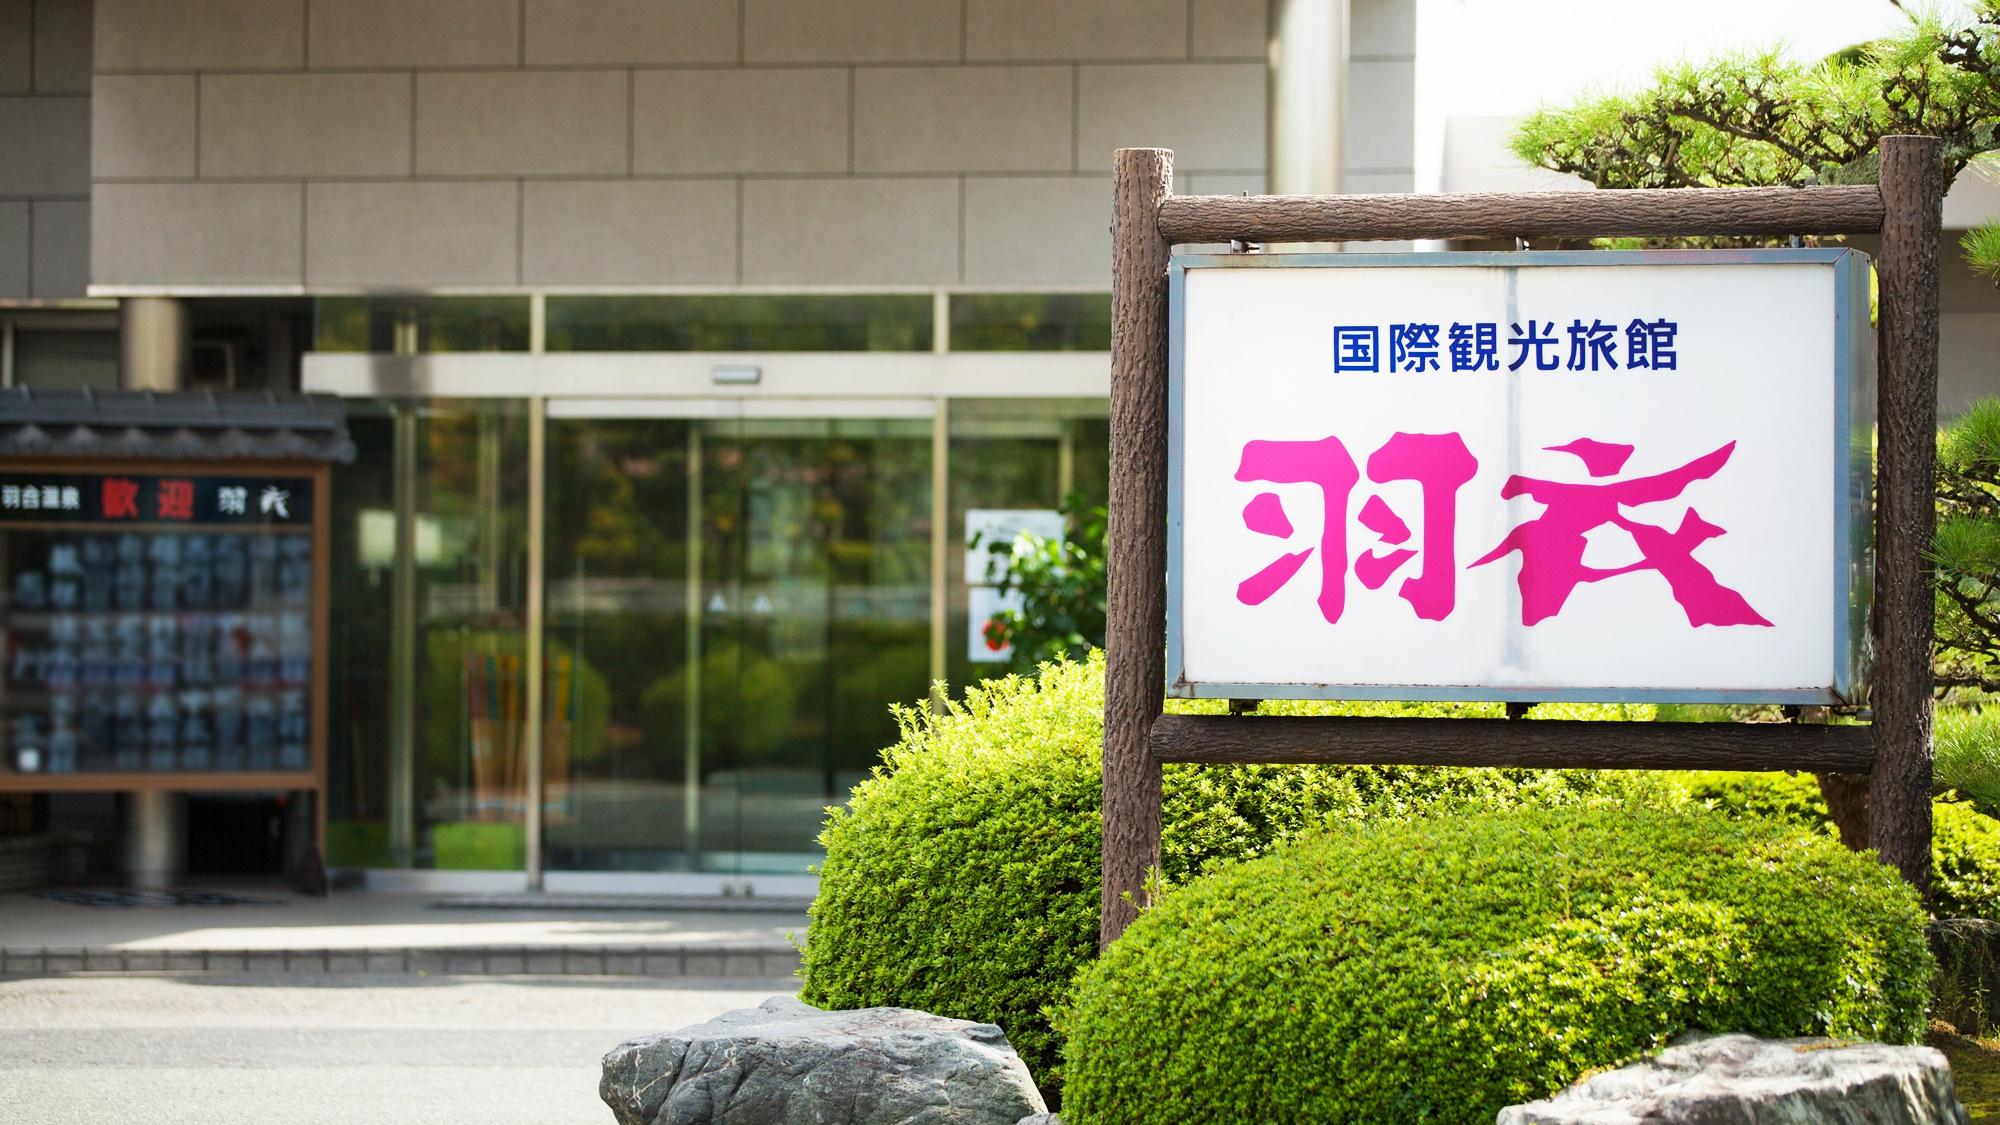 はわい温泉 羽衣<鳥取県> image